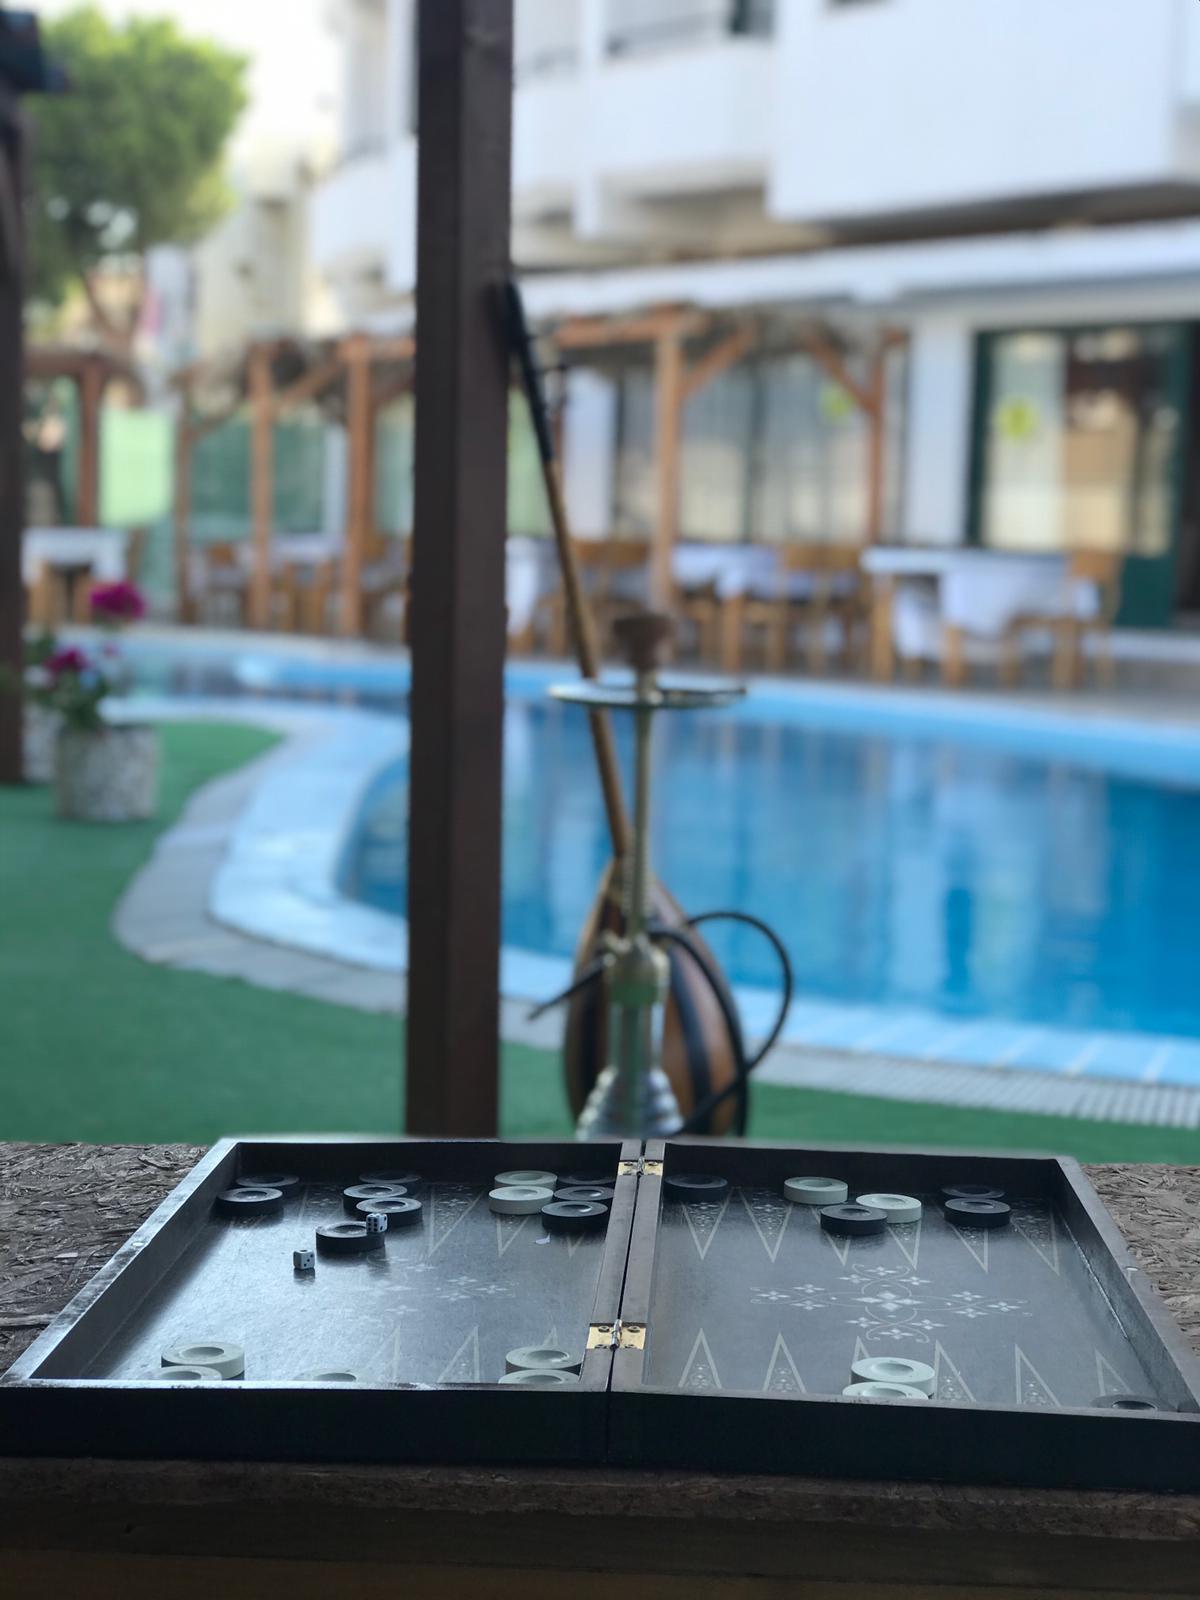 Letovanje Turska autobusom, Sarimsakli, Hotel Urgenc,bazen